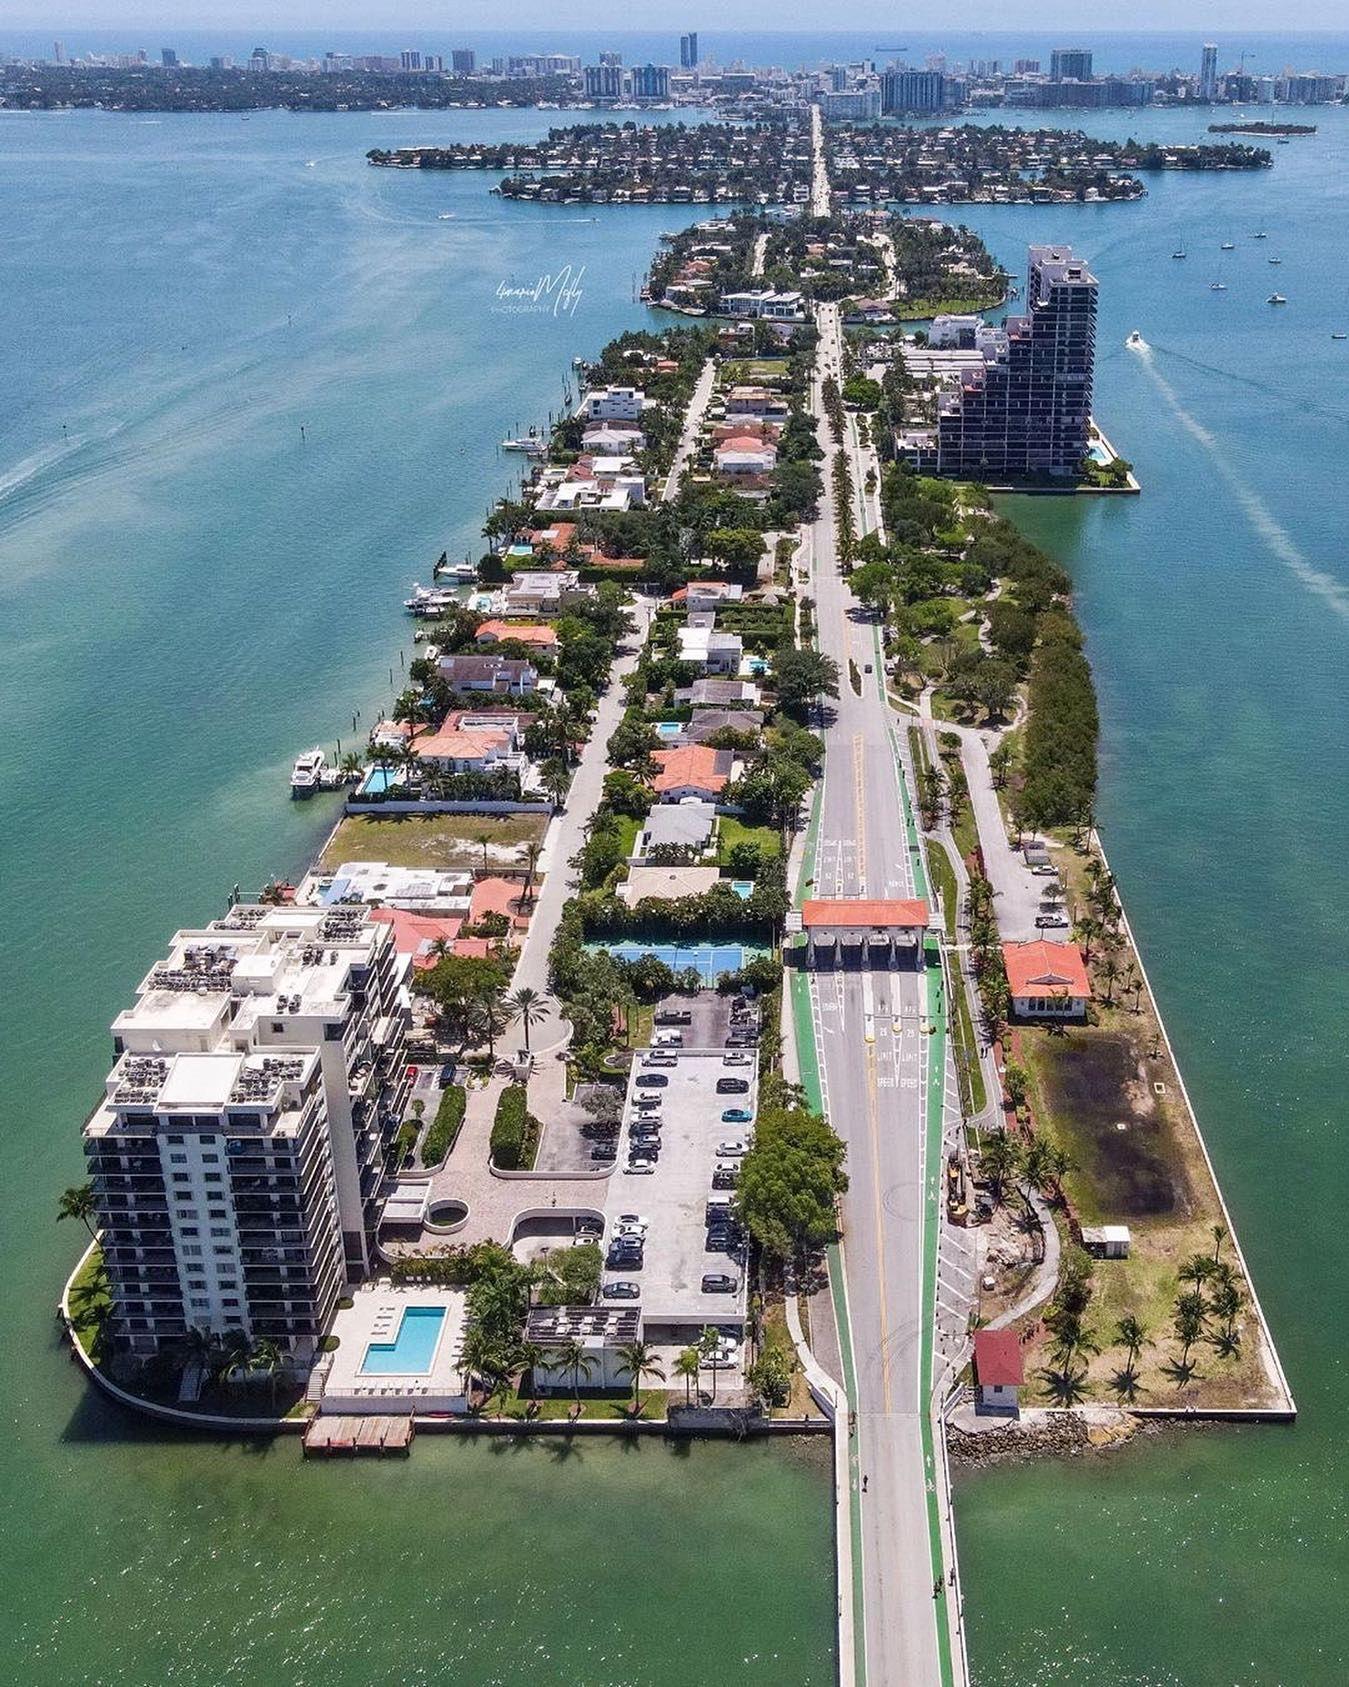 Crossing Biscayne Bay on the Venetian Causeway from Downtown to Miami Beach    @4martymcfly  #biscaynebay #miamiviews #southbeachmiami #miamiguide #miamilife #miamirealtor #miamiart #miamistyle #miamidolphins #Miamiliving #miamibeachlife #miamibeachliving #miamibeachparty #miamibeachrealtor #miamibeaches #miamibeachcondos #miamiskyline #miamivibes #miamibeach #miami